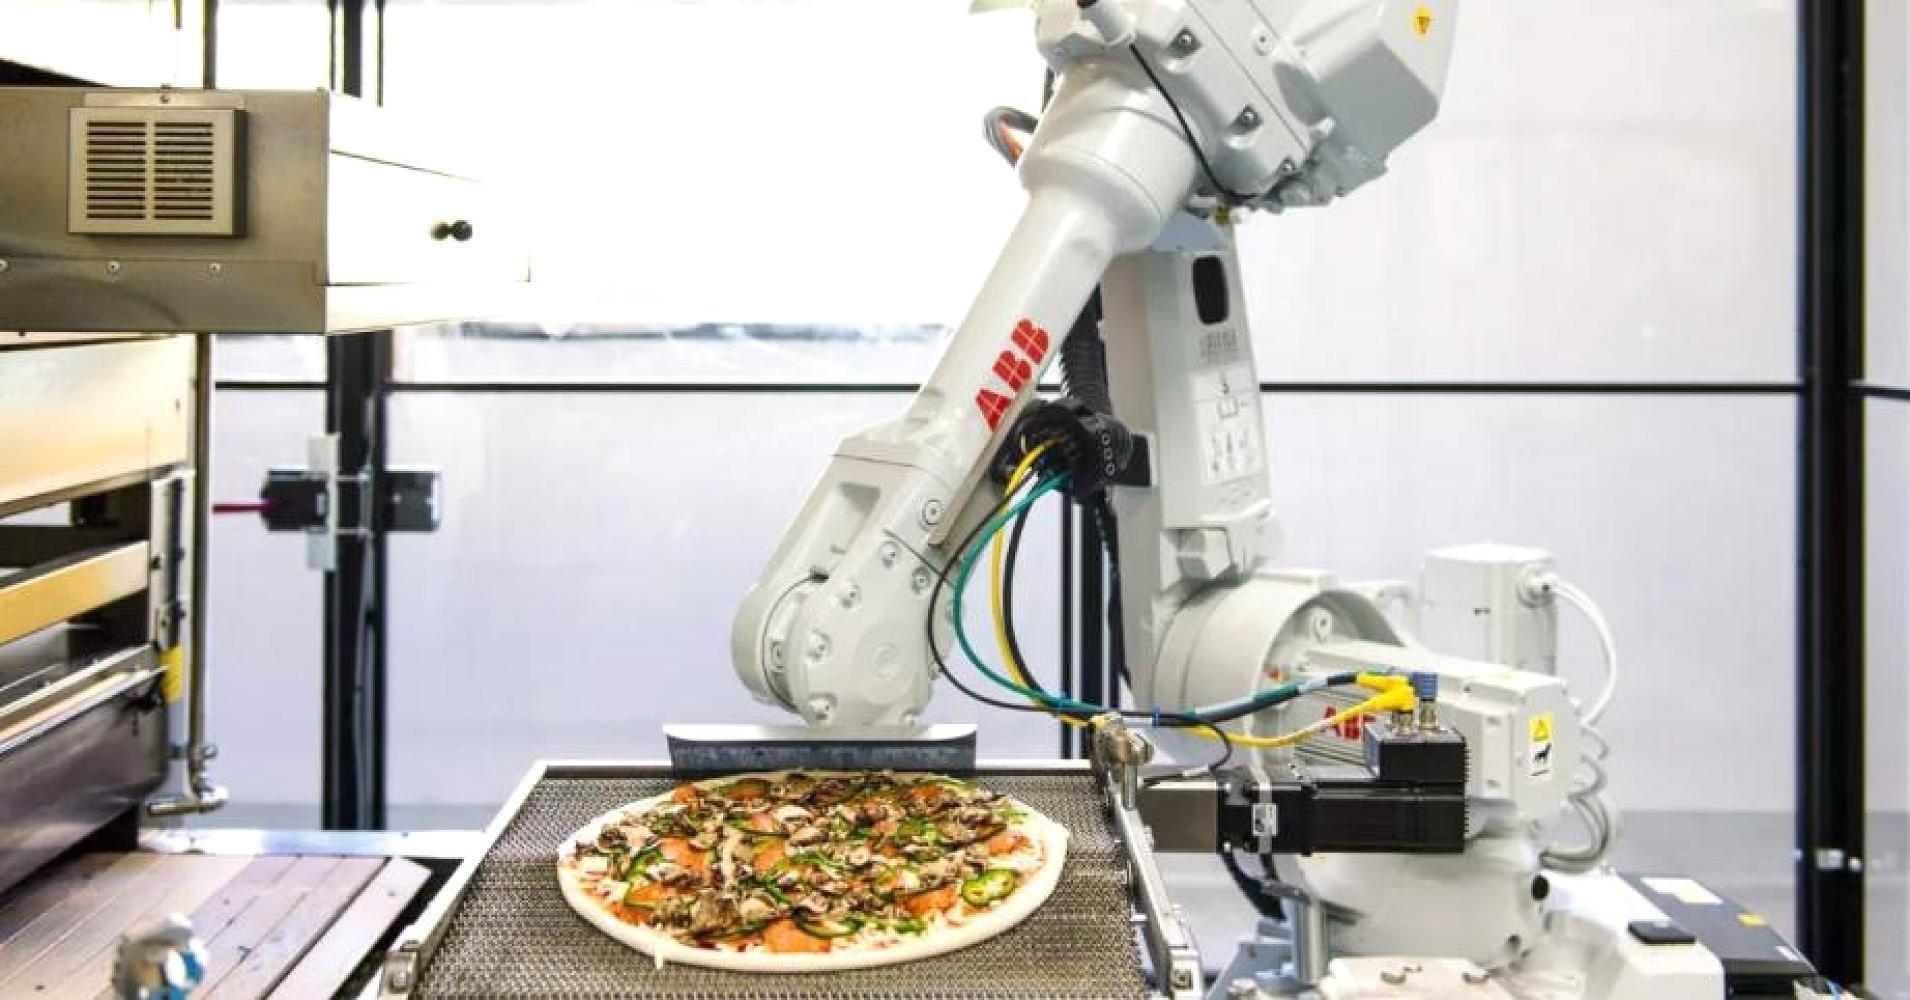 Anche i robot falliscono: Zume il robot che non riusciva a fare la pizza